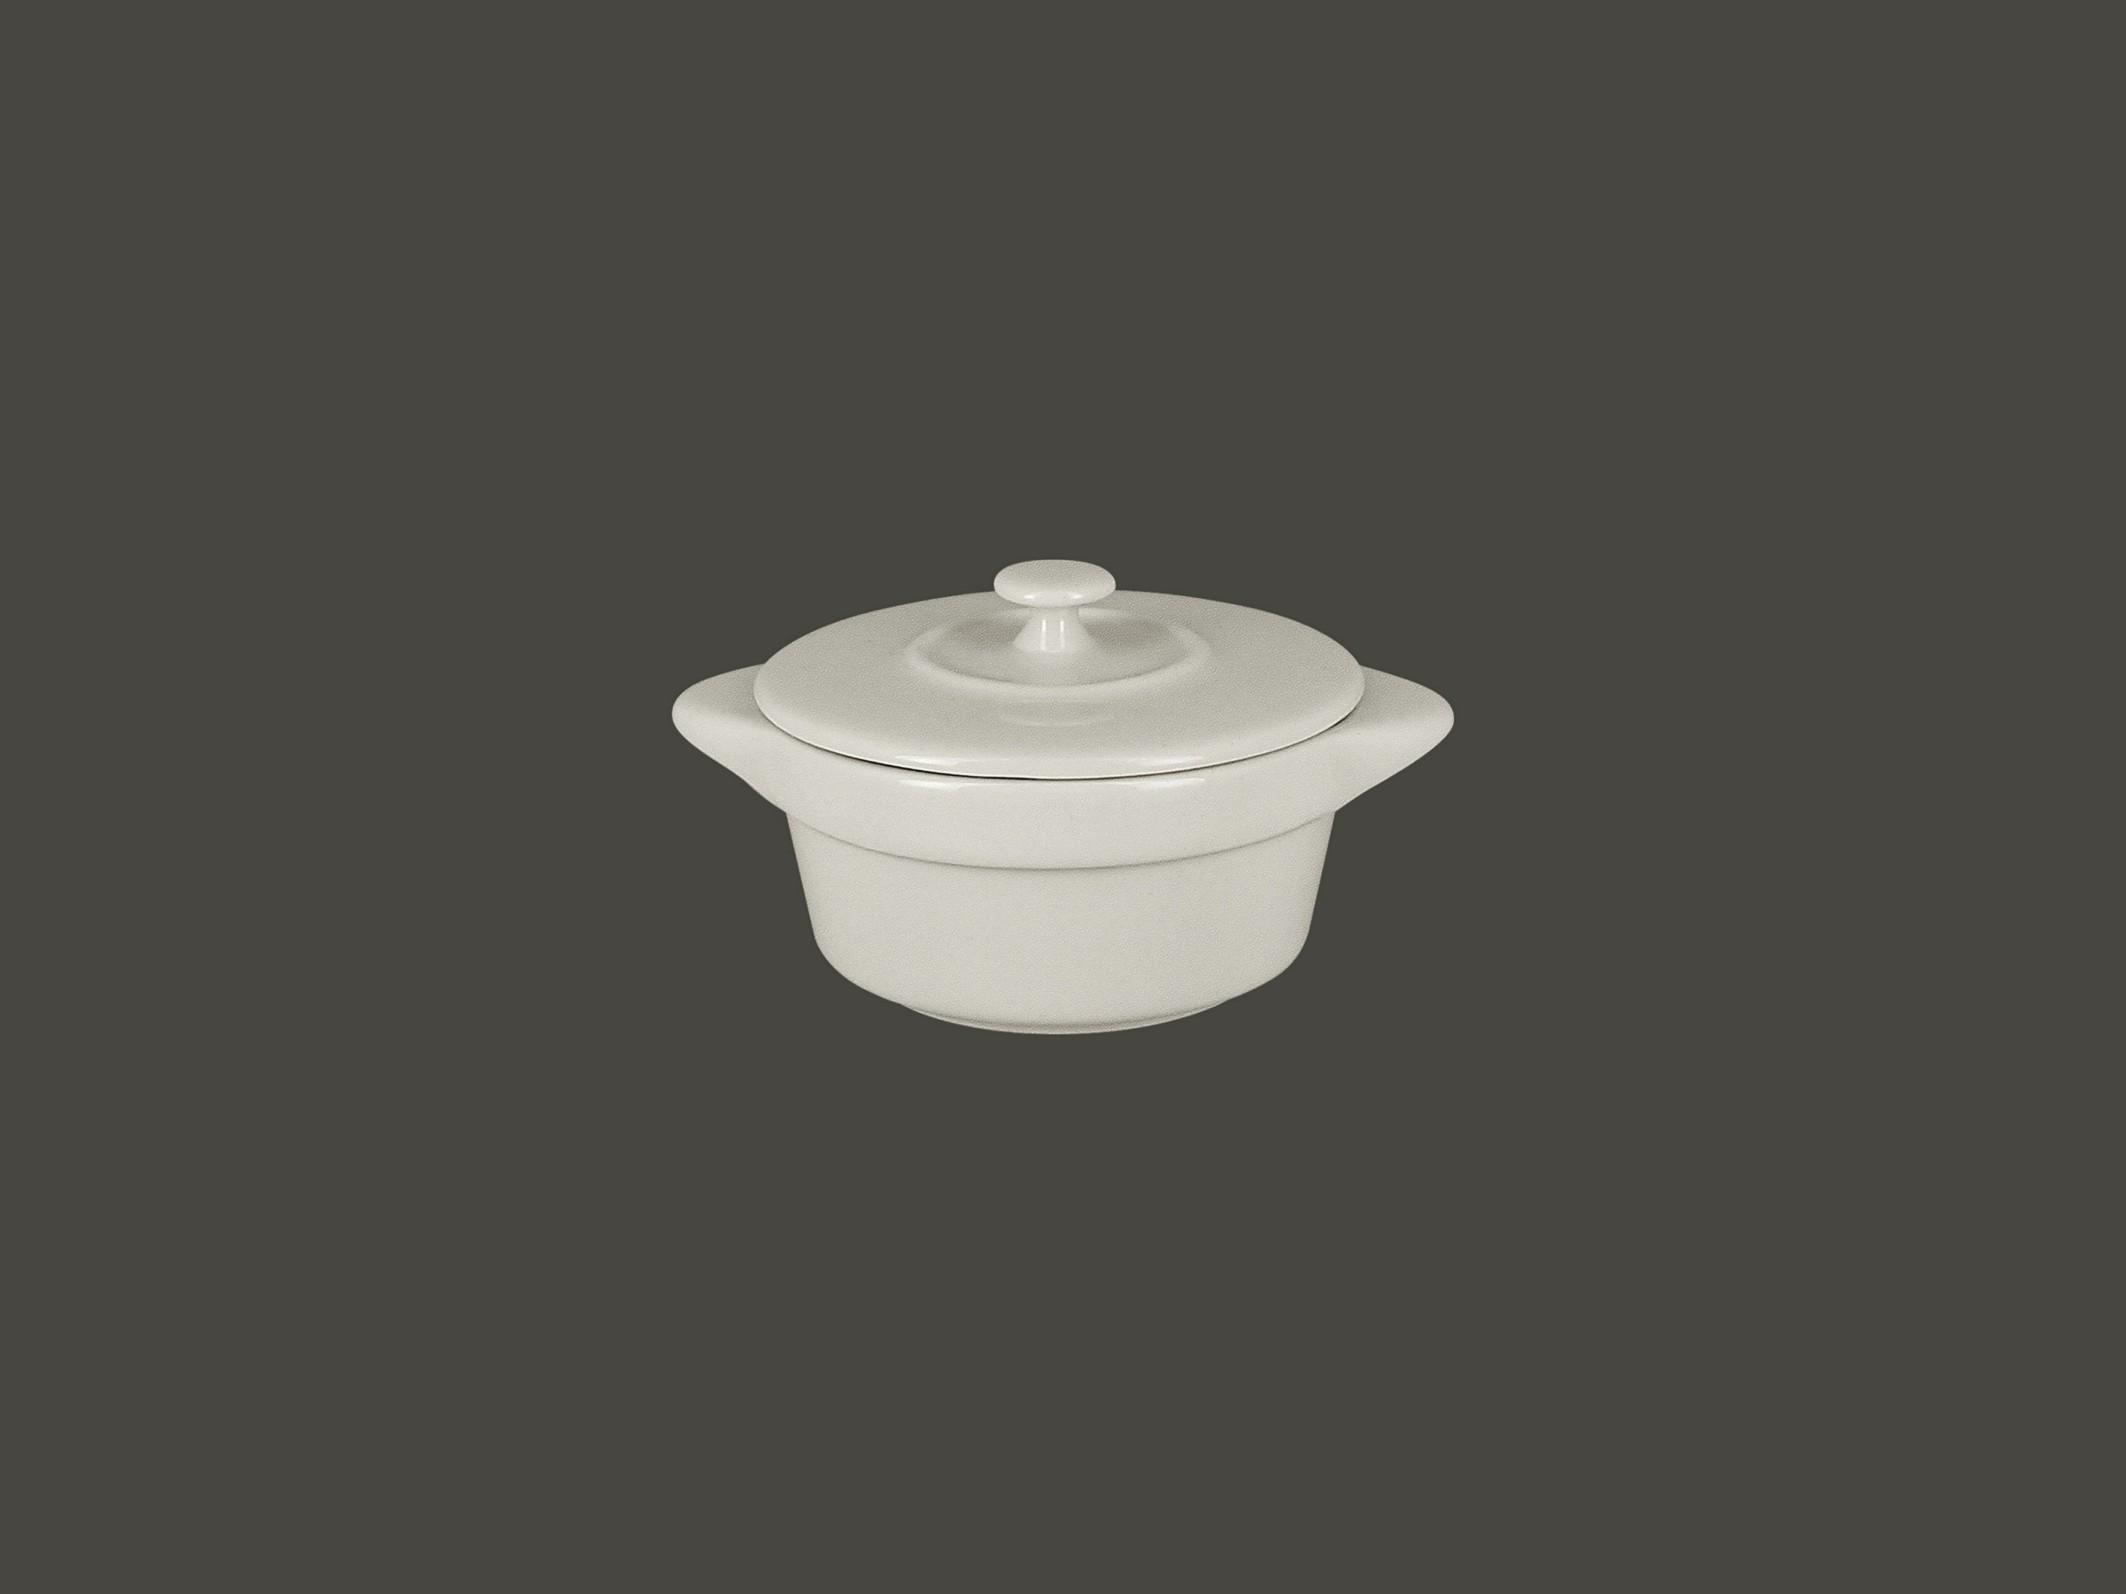 Chefs fusion Mini hrnec s pokličkou bílý